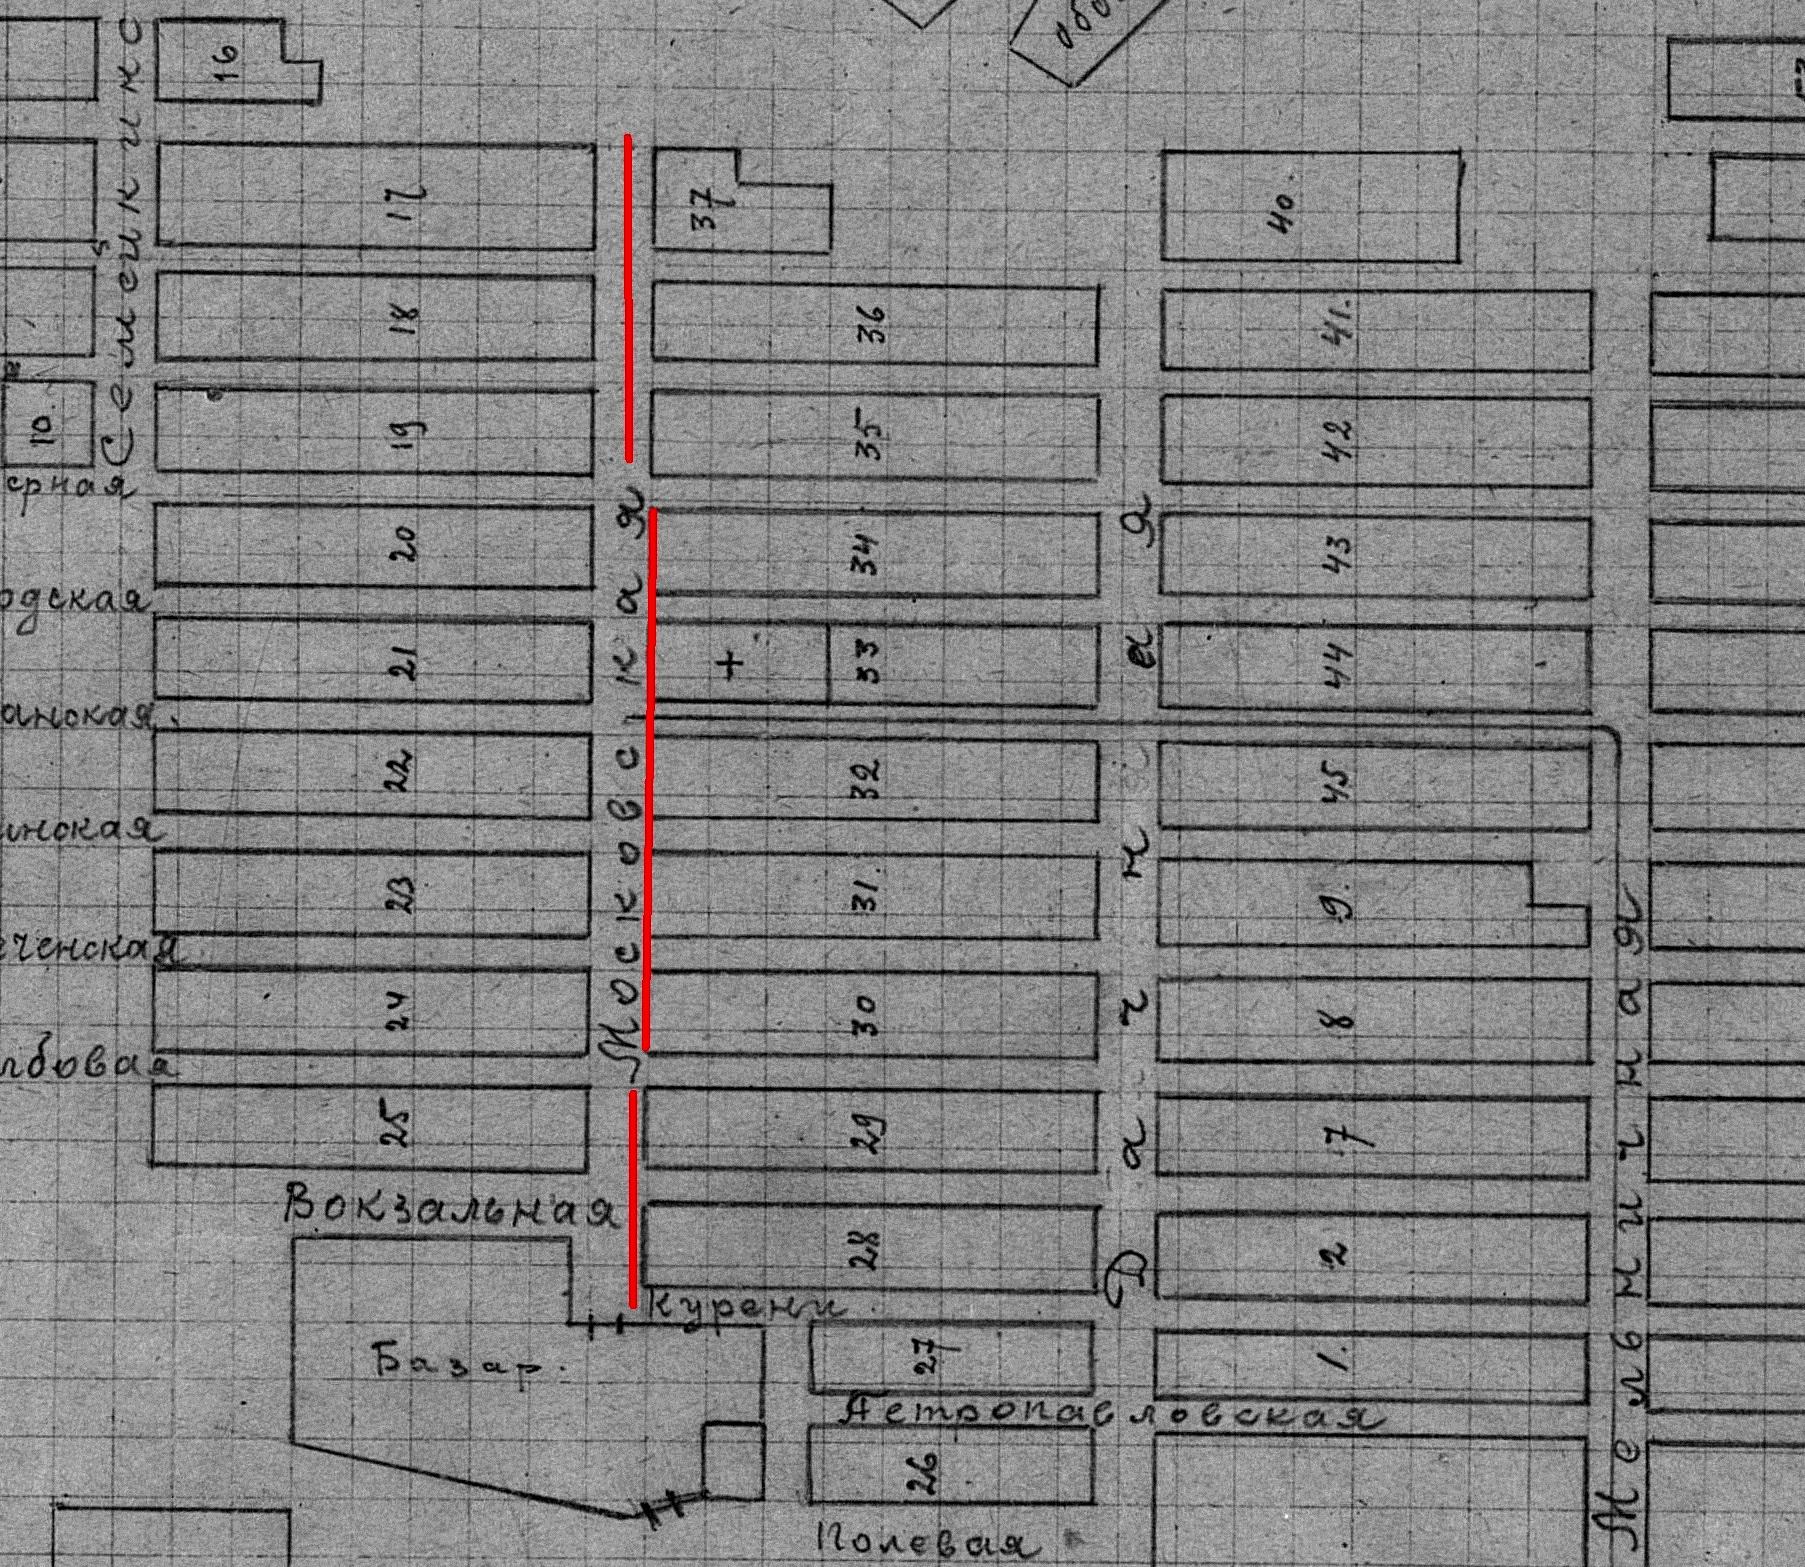 Московская-ФОТО-02-Самара-1924-схема Мещанского посёлка